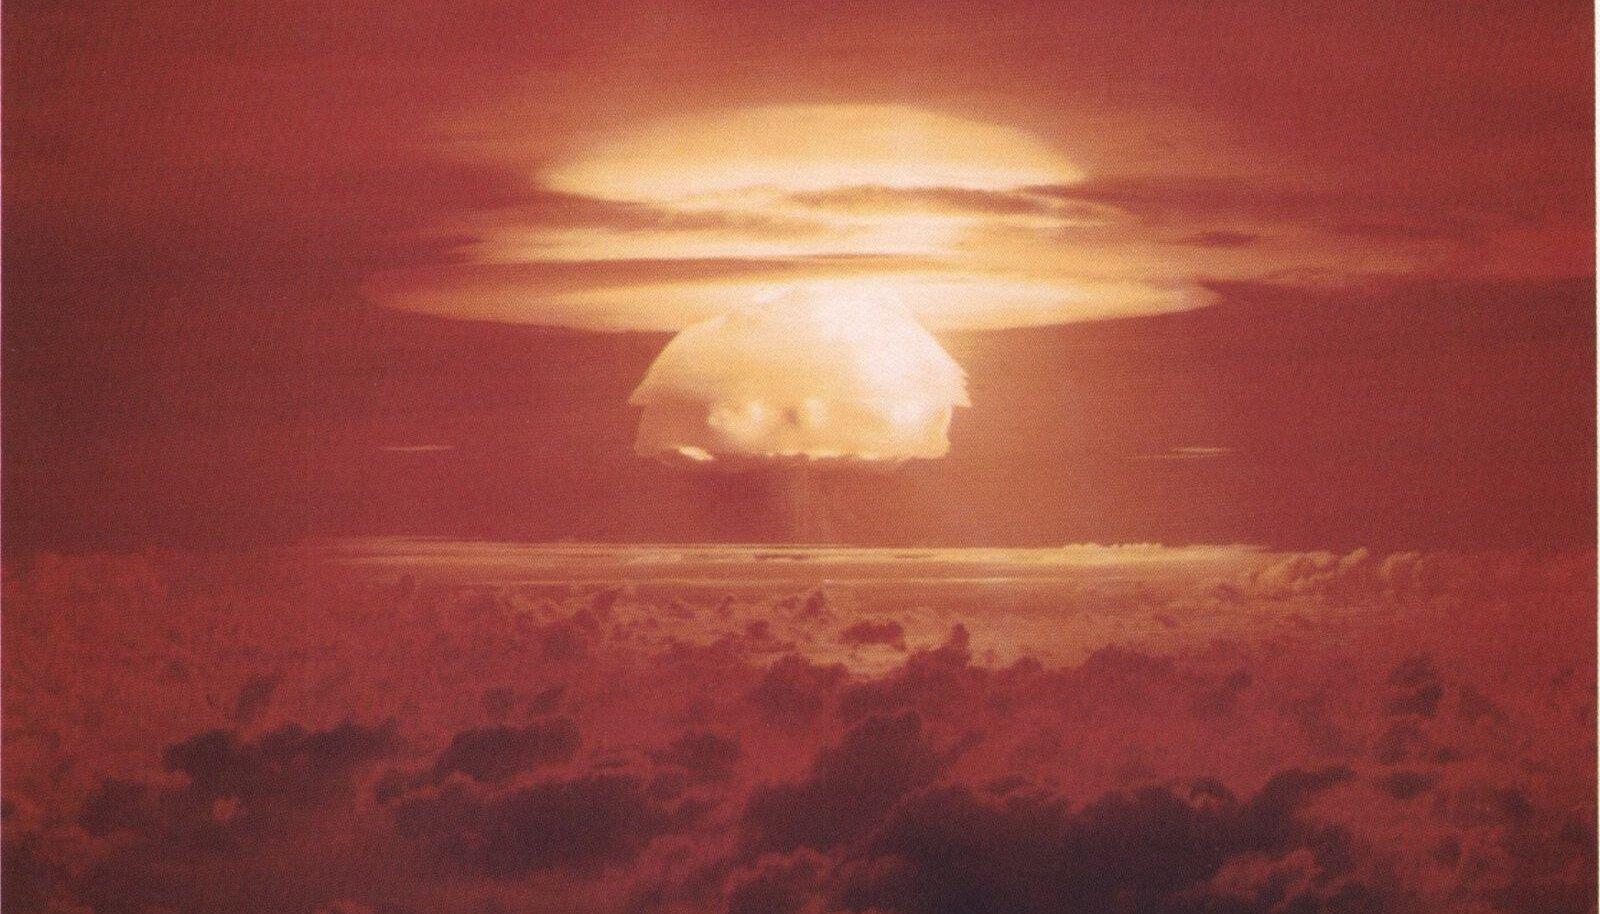 Test nimega Castle Bravo aastal 1954. Tuumaseen Bikini atolli kohal.